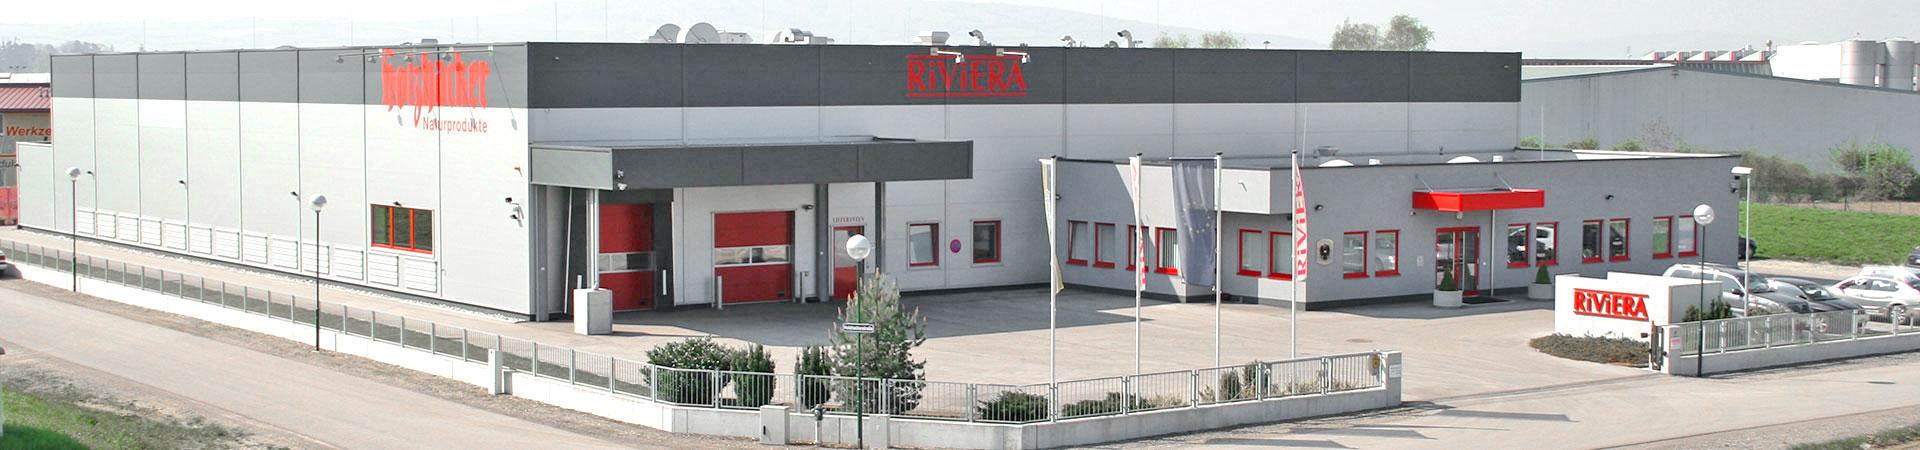 Riviera Standort